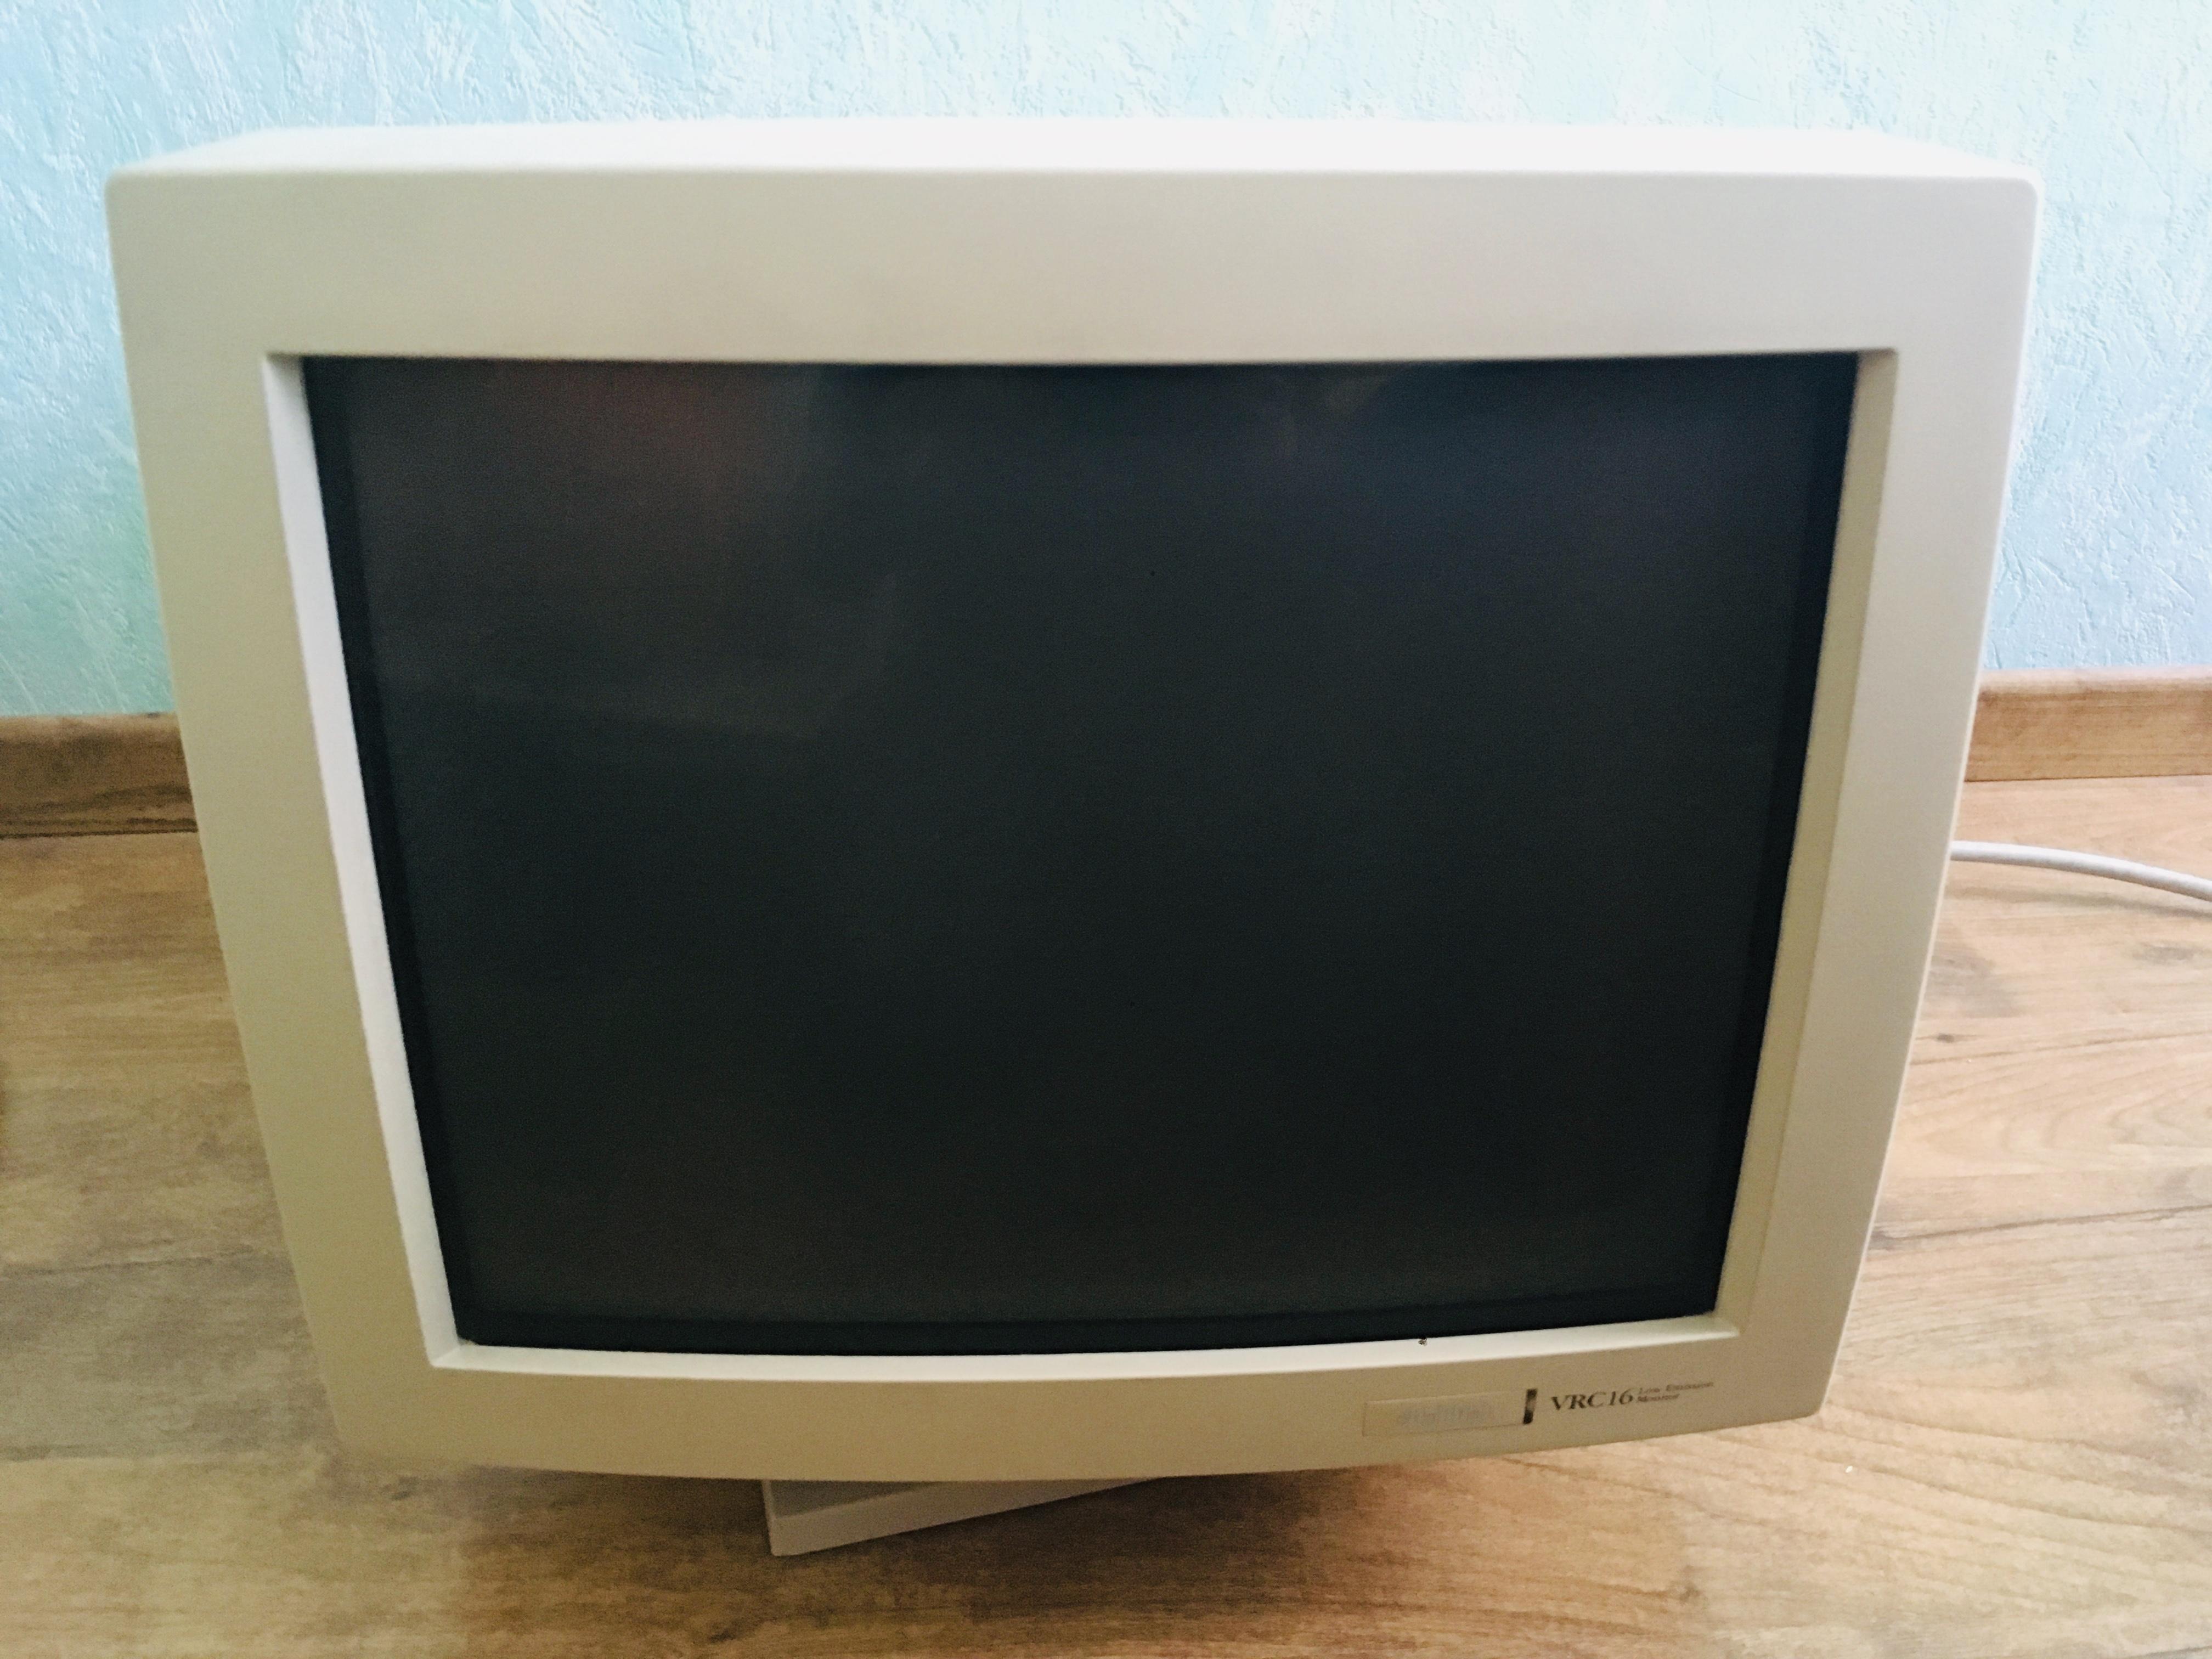 troc de troc 3 écrans ordinateurs à tube cathodique (crt) image 2